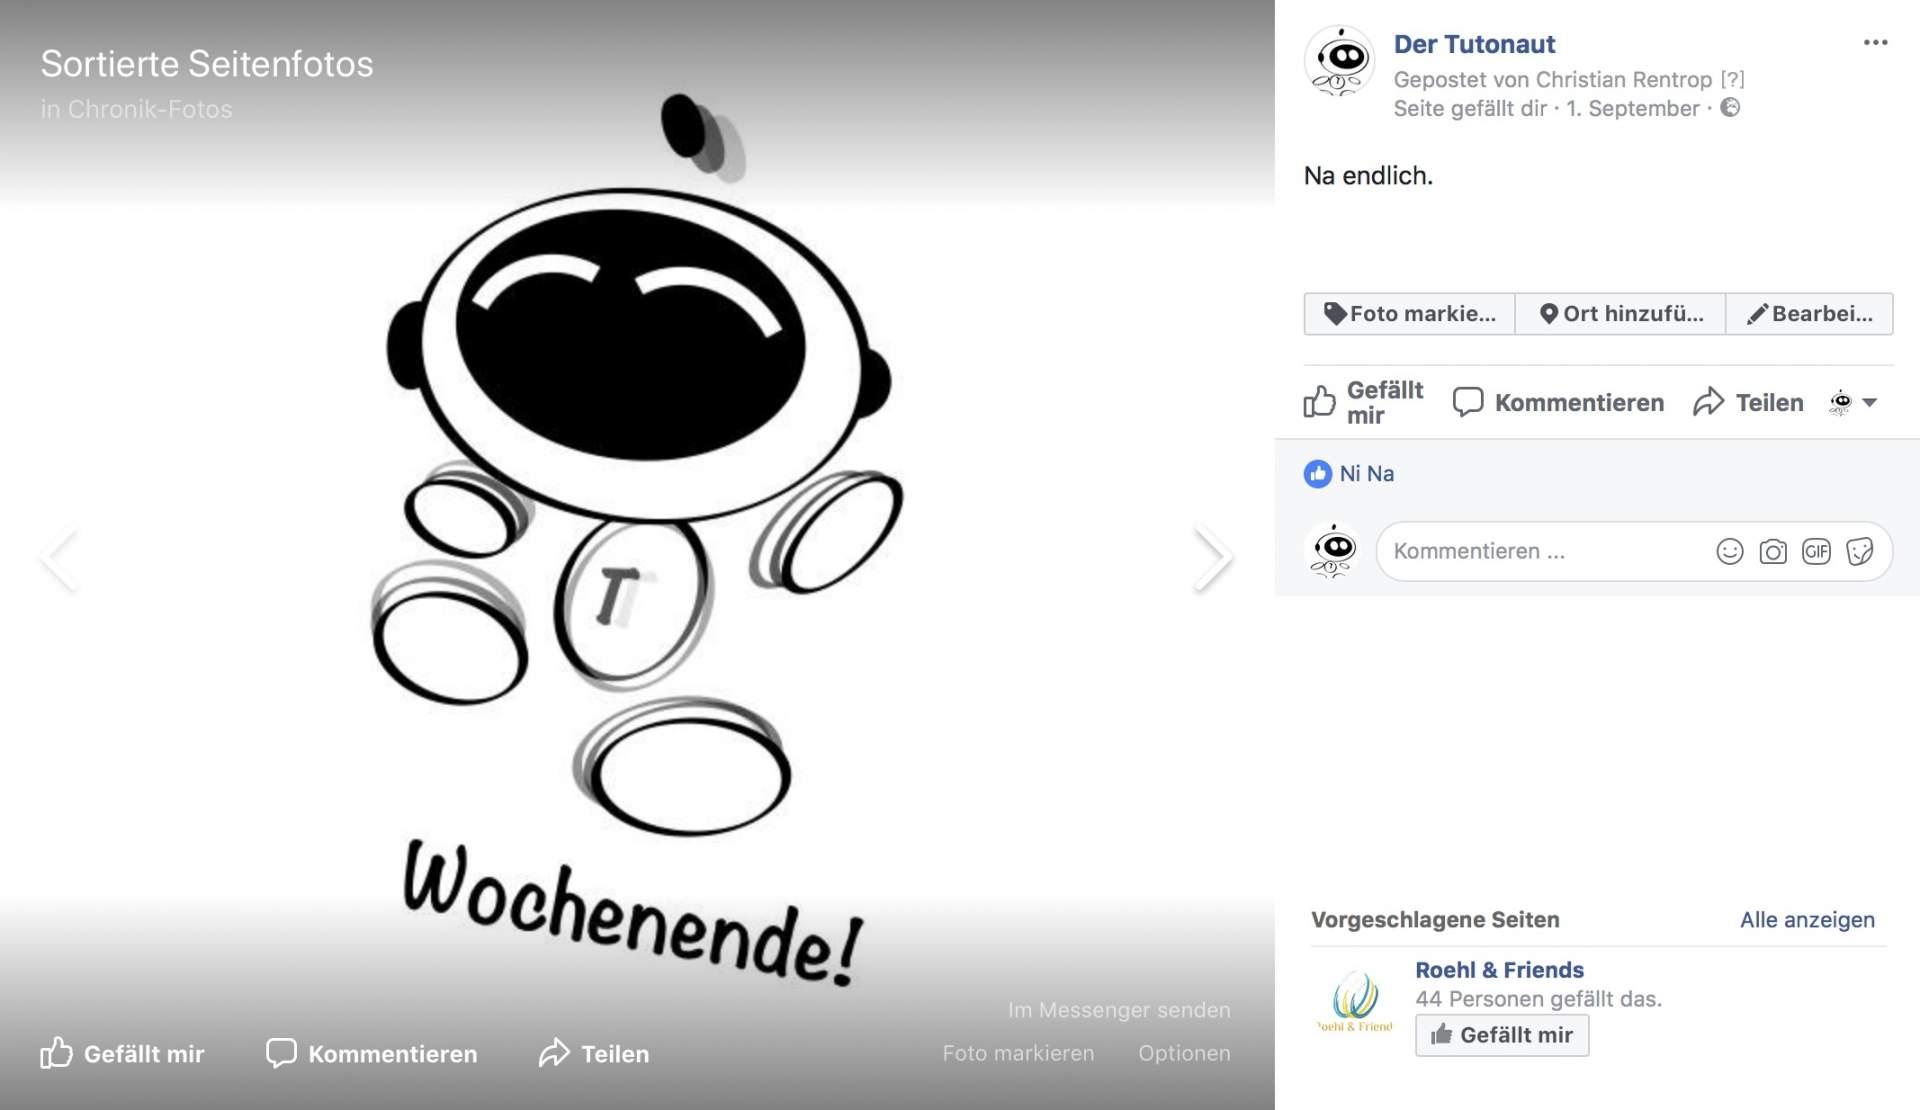 Facebook-Bilder herunterladen ist denkbar einfach.